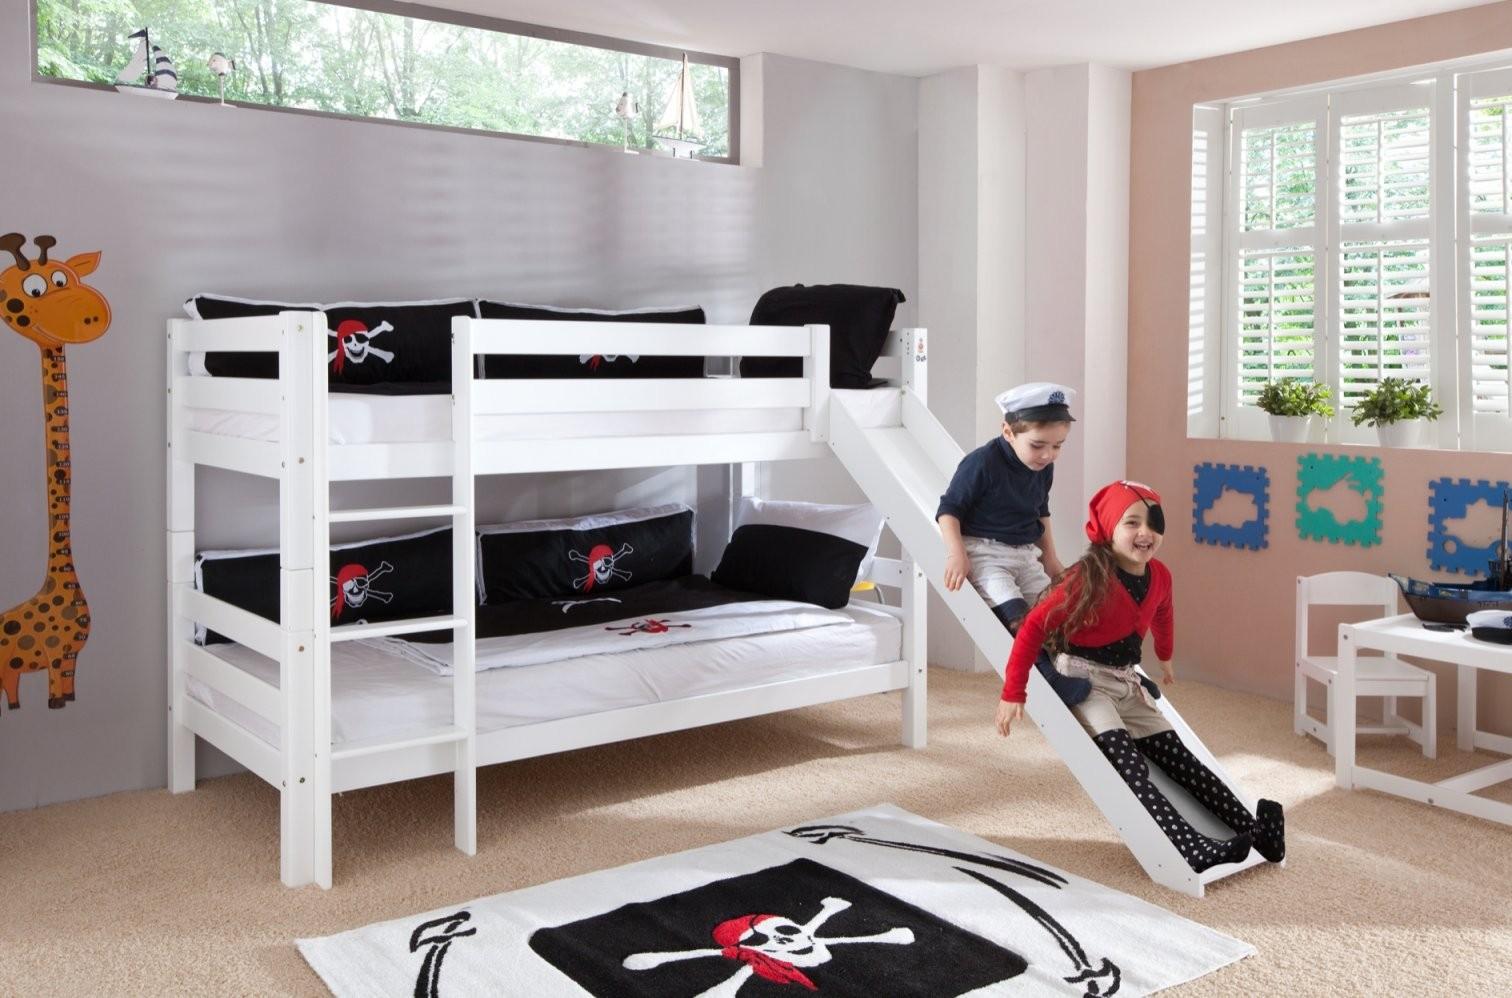 Etagenbett Mit Rutsche Günstig Online Kaufen  Real von Kinderhochbett Mit Rutsche Günstig Kaufen Bild